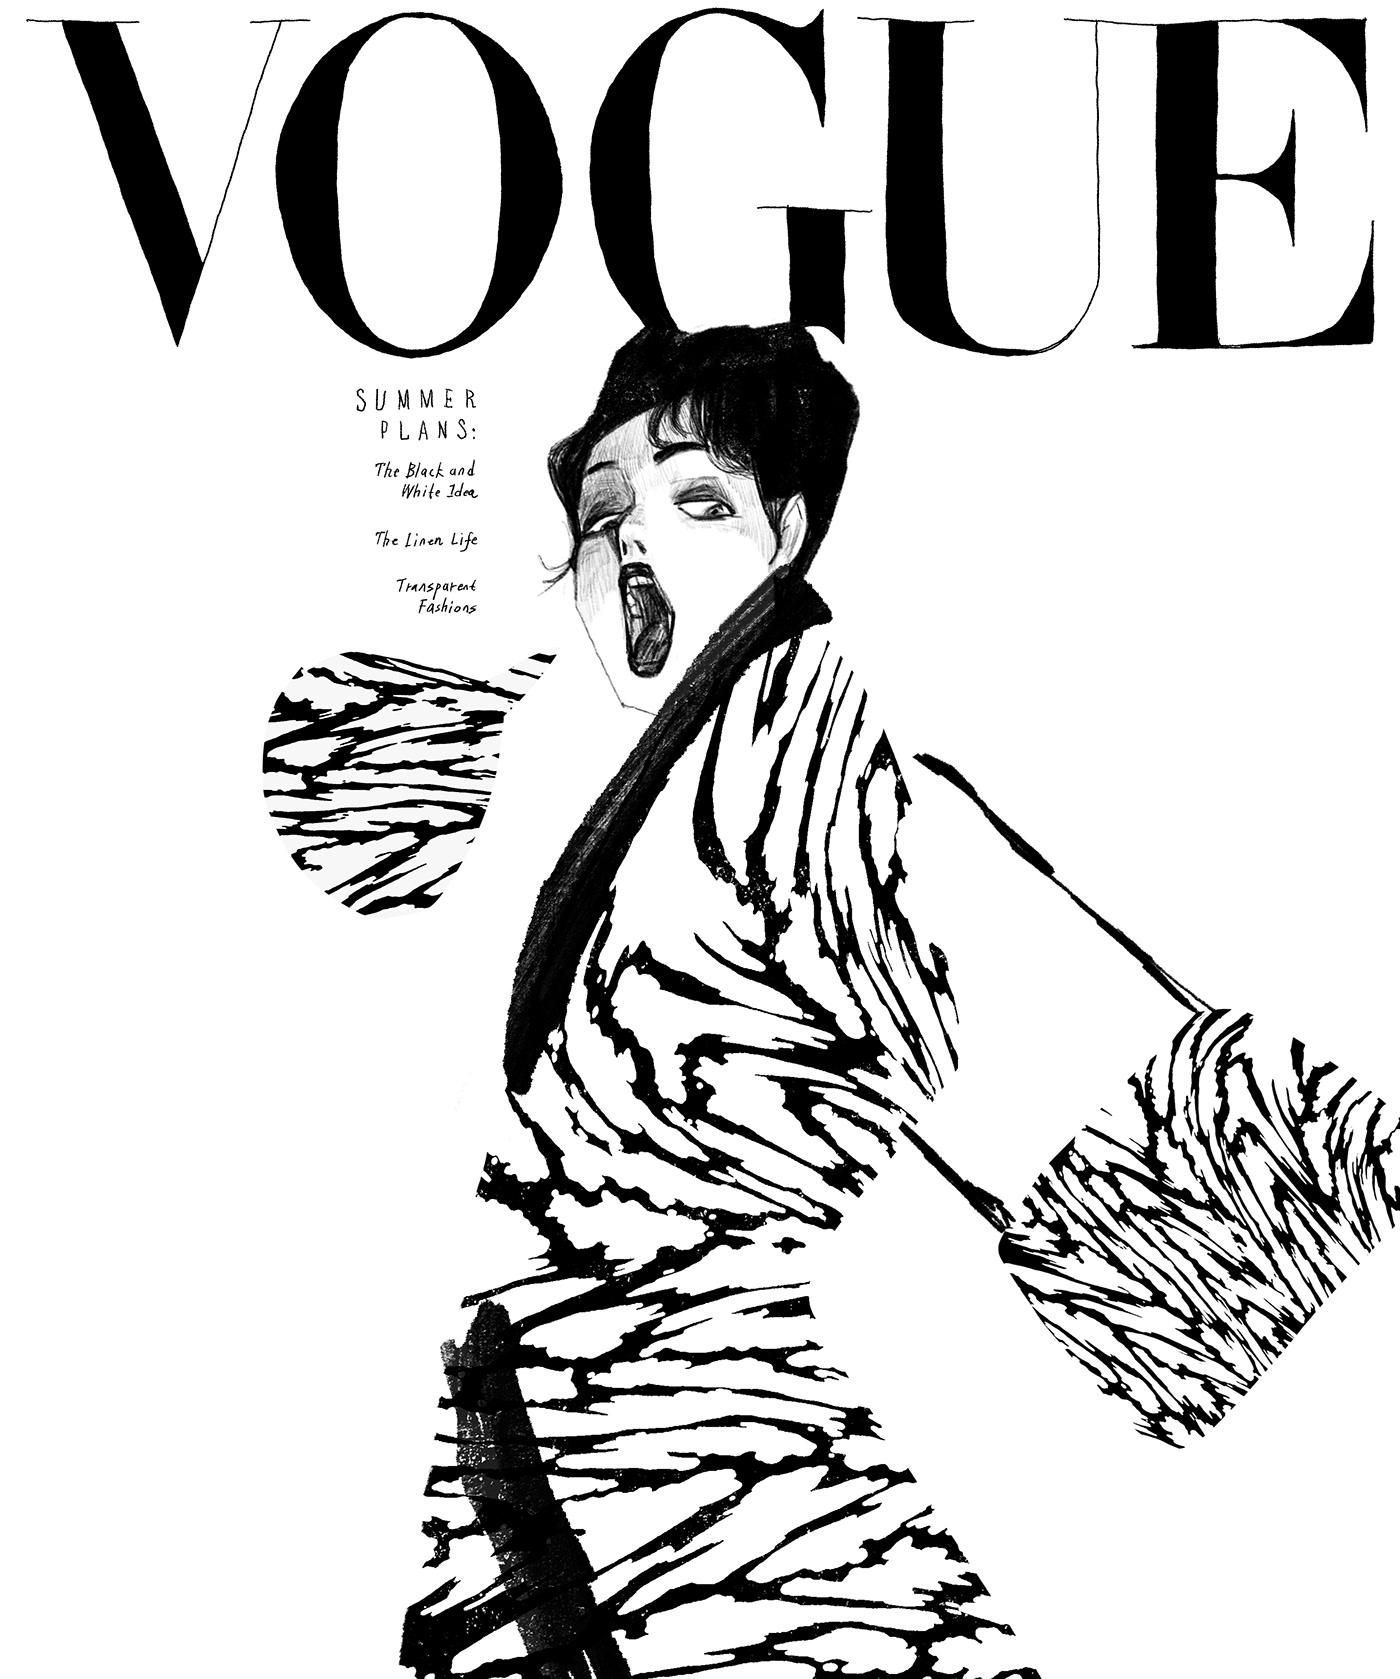 有美感的22張時尚雜誌封面欣賞